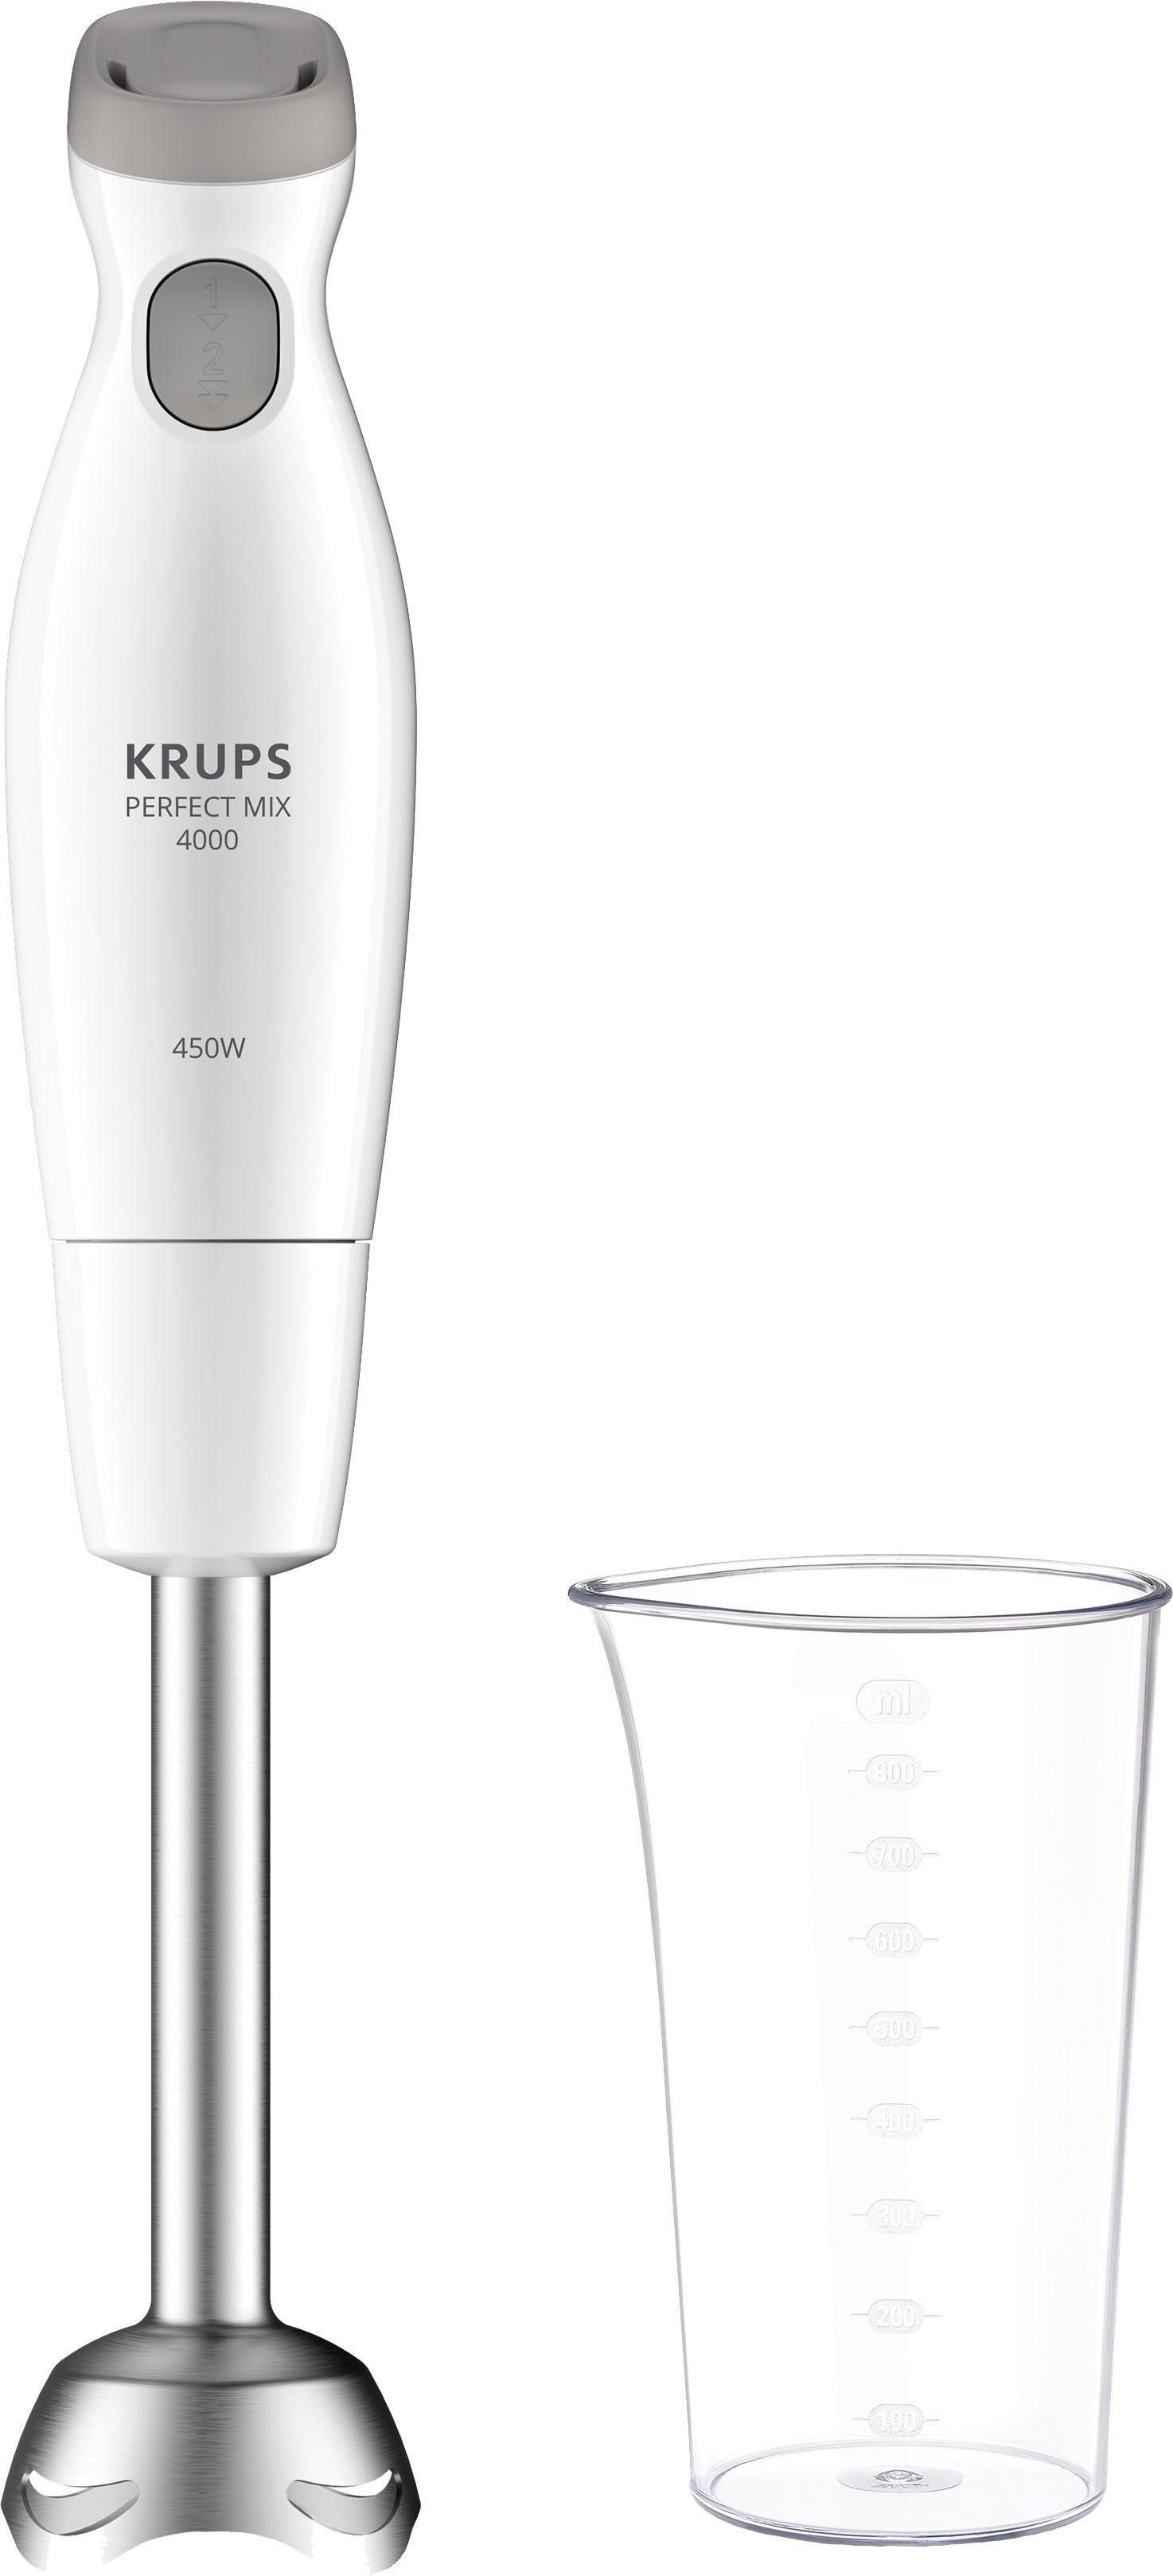 Krups »HZ4511 Perfect Mix 4000« staafmixer - gratis ruilen op otto.nl